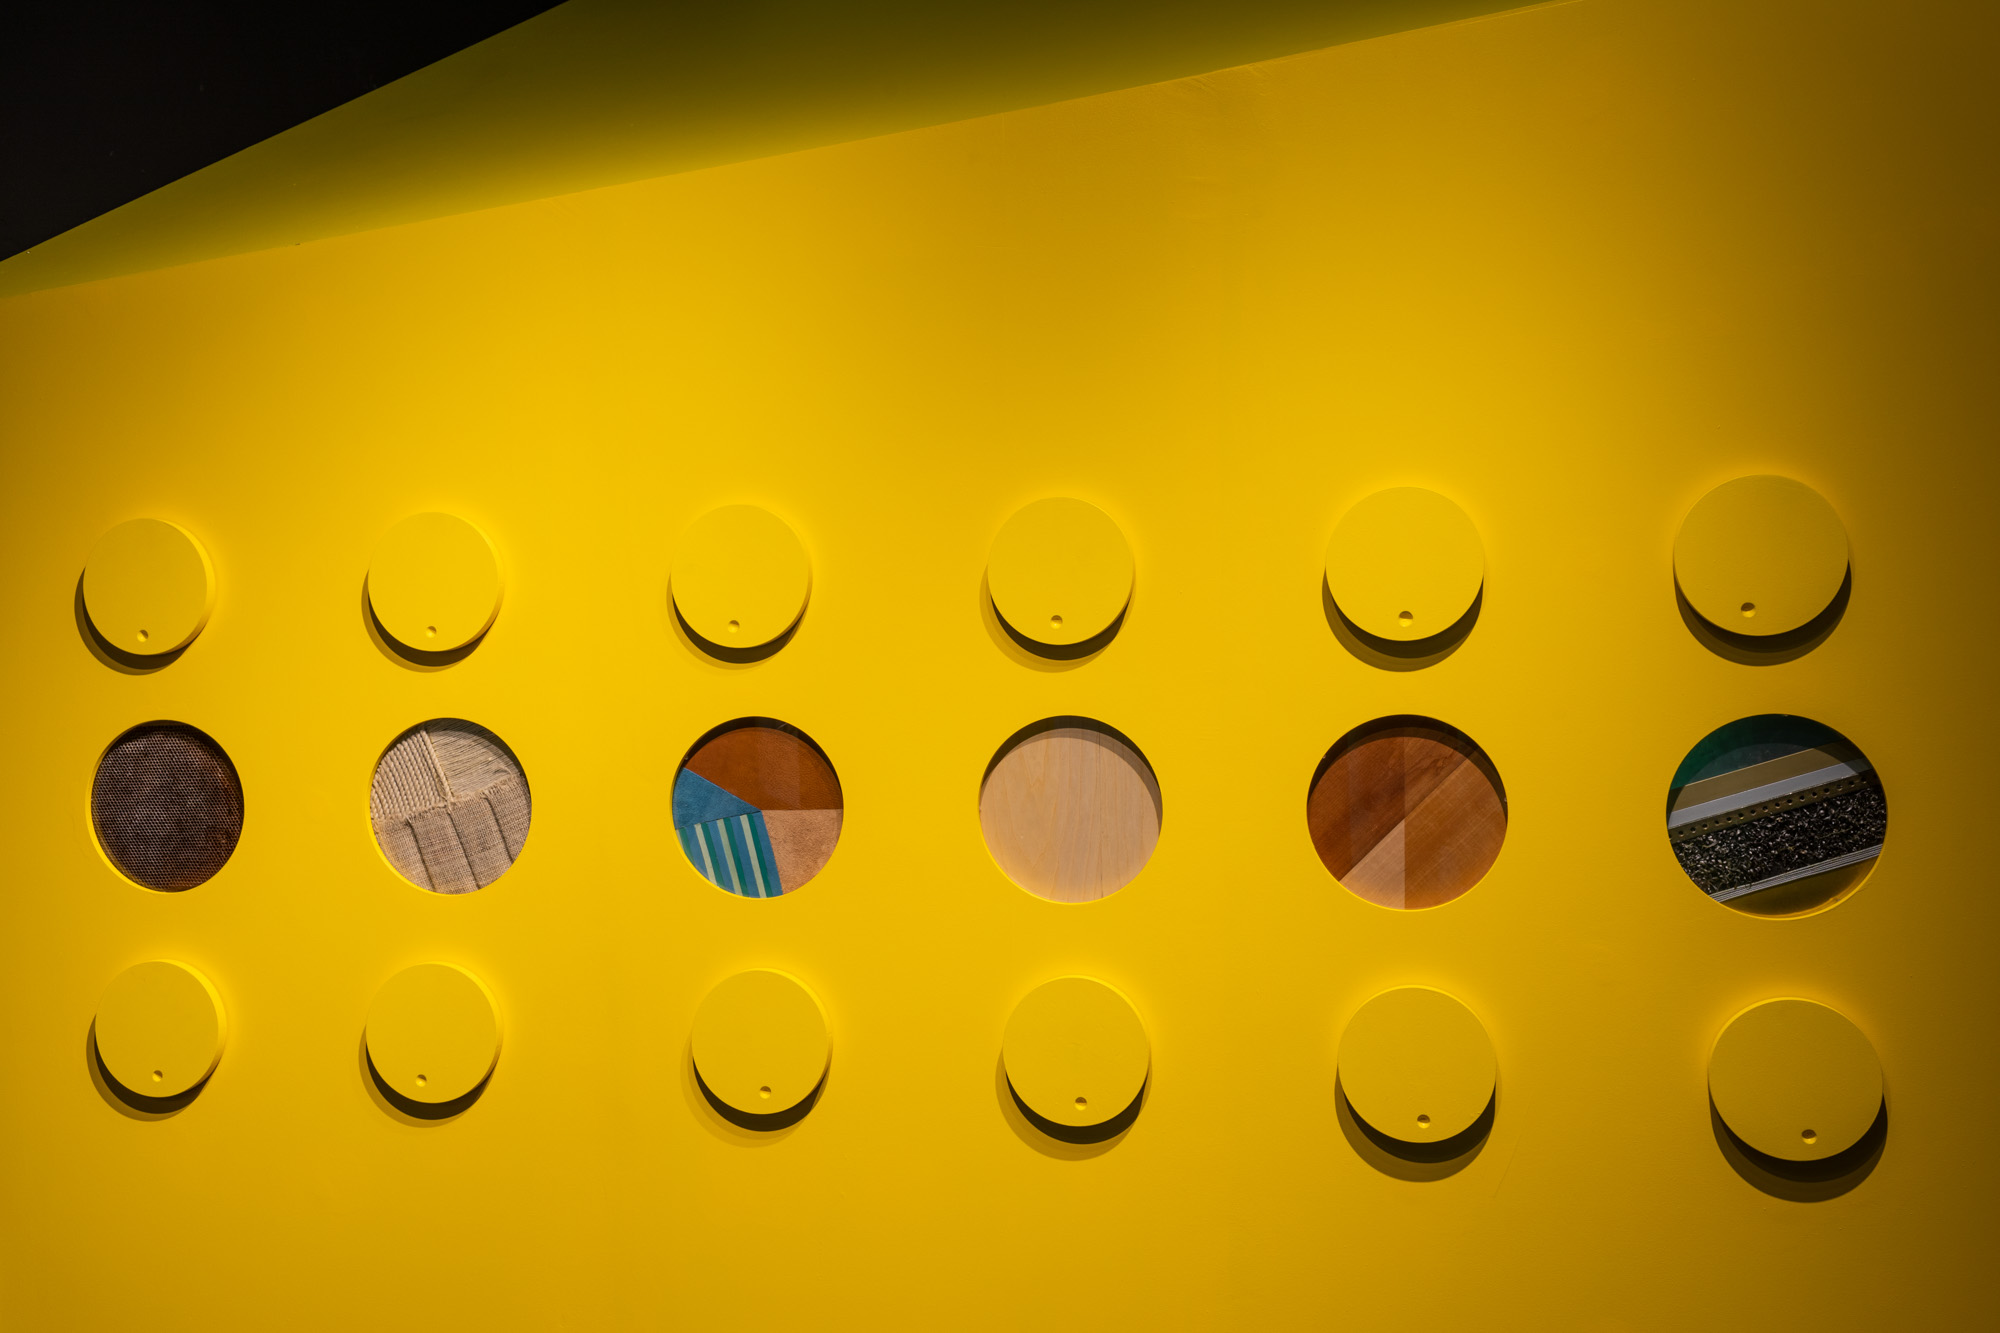 Allestimento Spazio espositivo Amleto Bertoni Saluzzo Sara Fortin design interior concorso olfatto percorso sensoriale